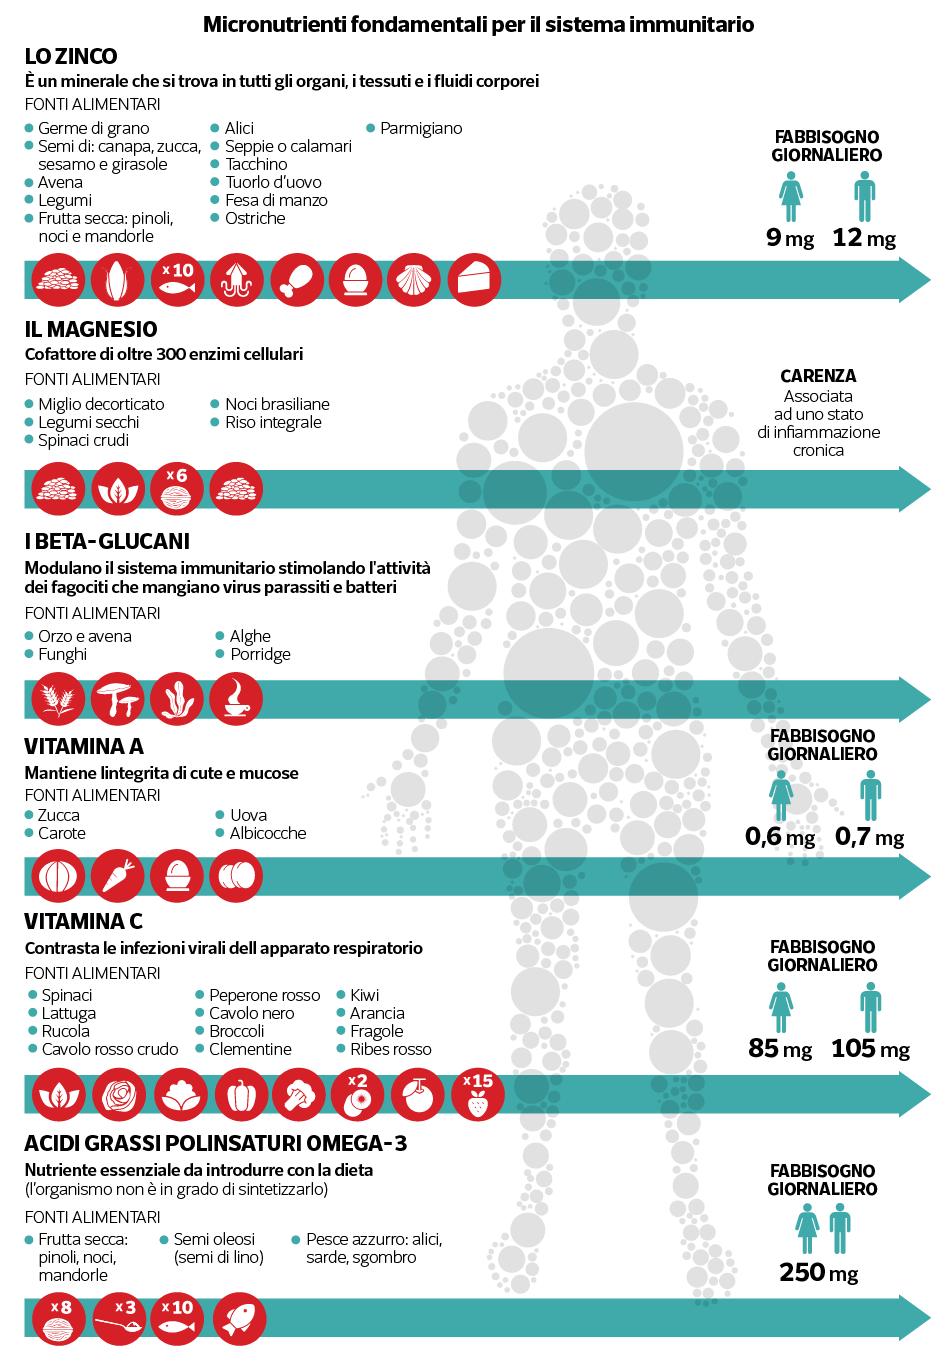 infografica frutta secca e sistema immunitario